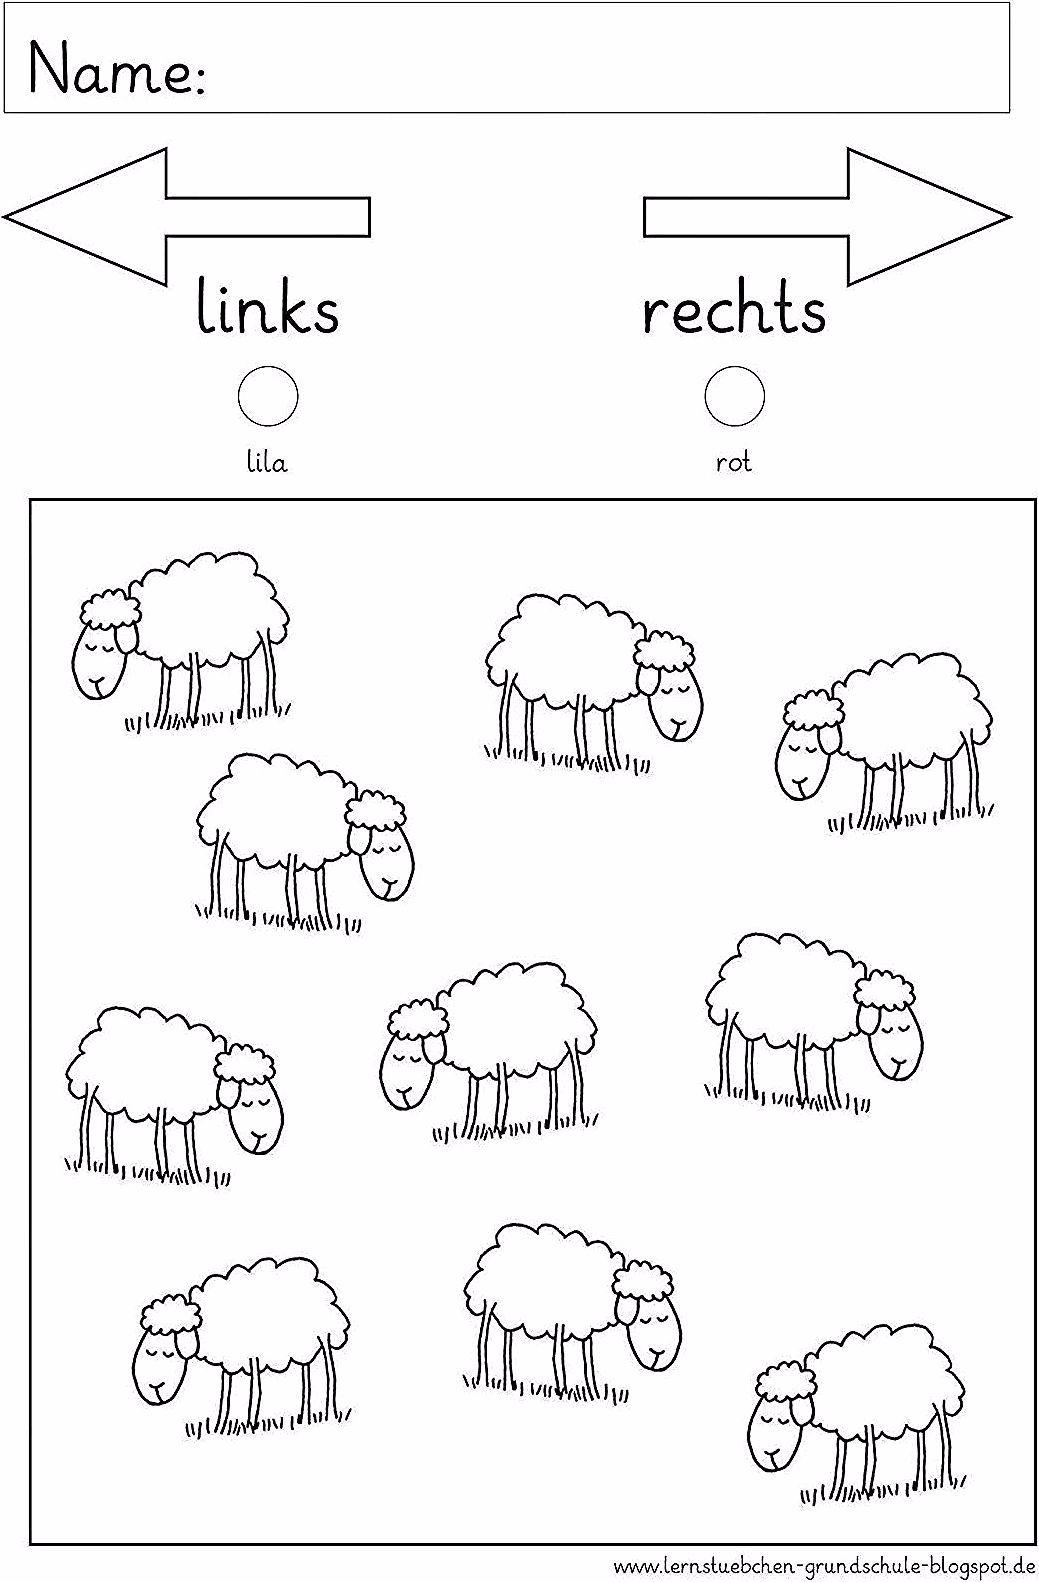 Lernstubchen Rechts Und Links With Images